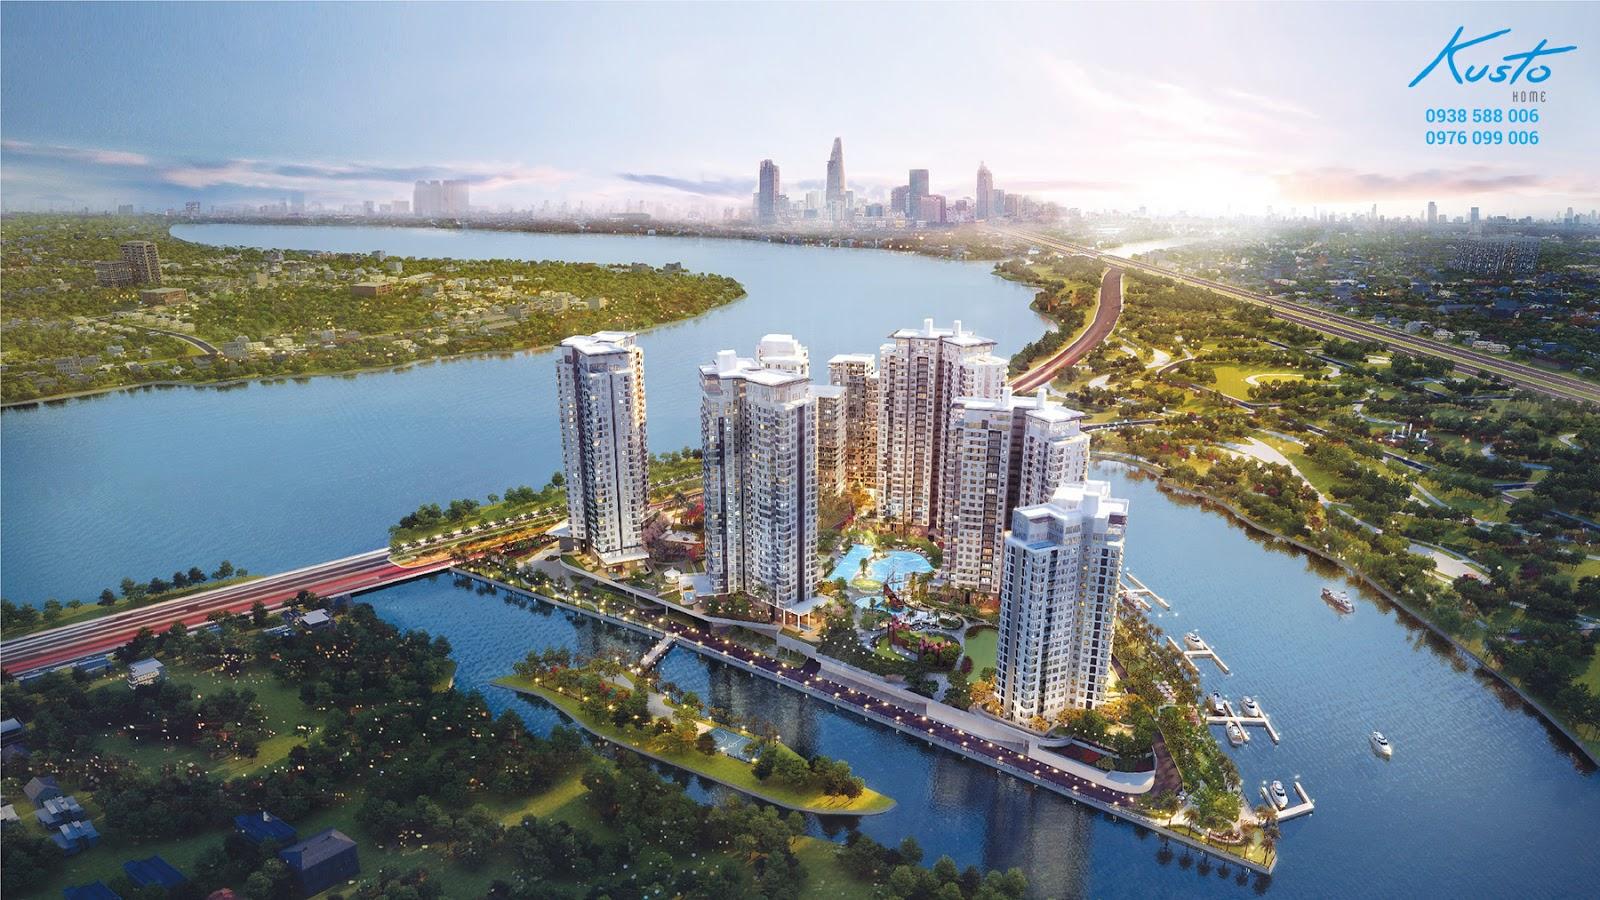 Dự án Hà Đô 756 Sài Gòn quận 10